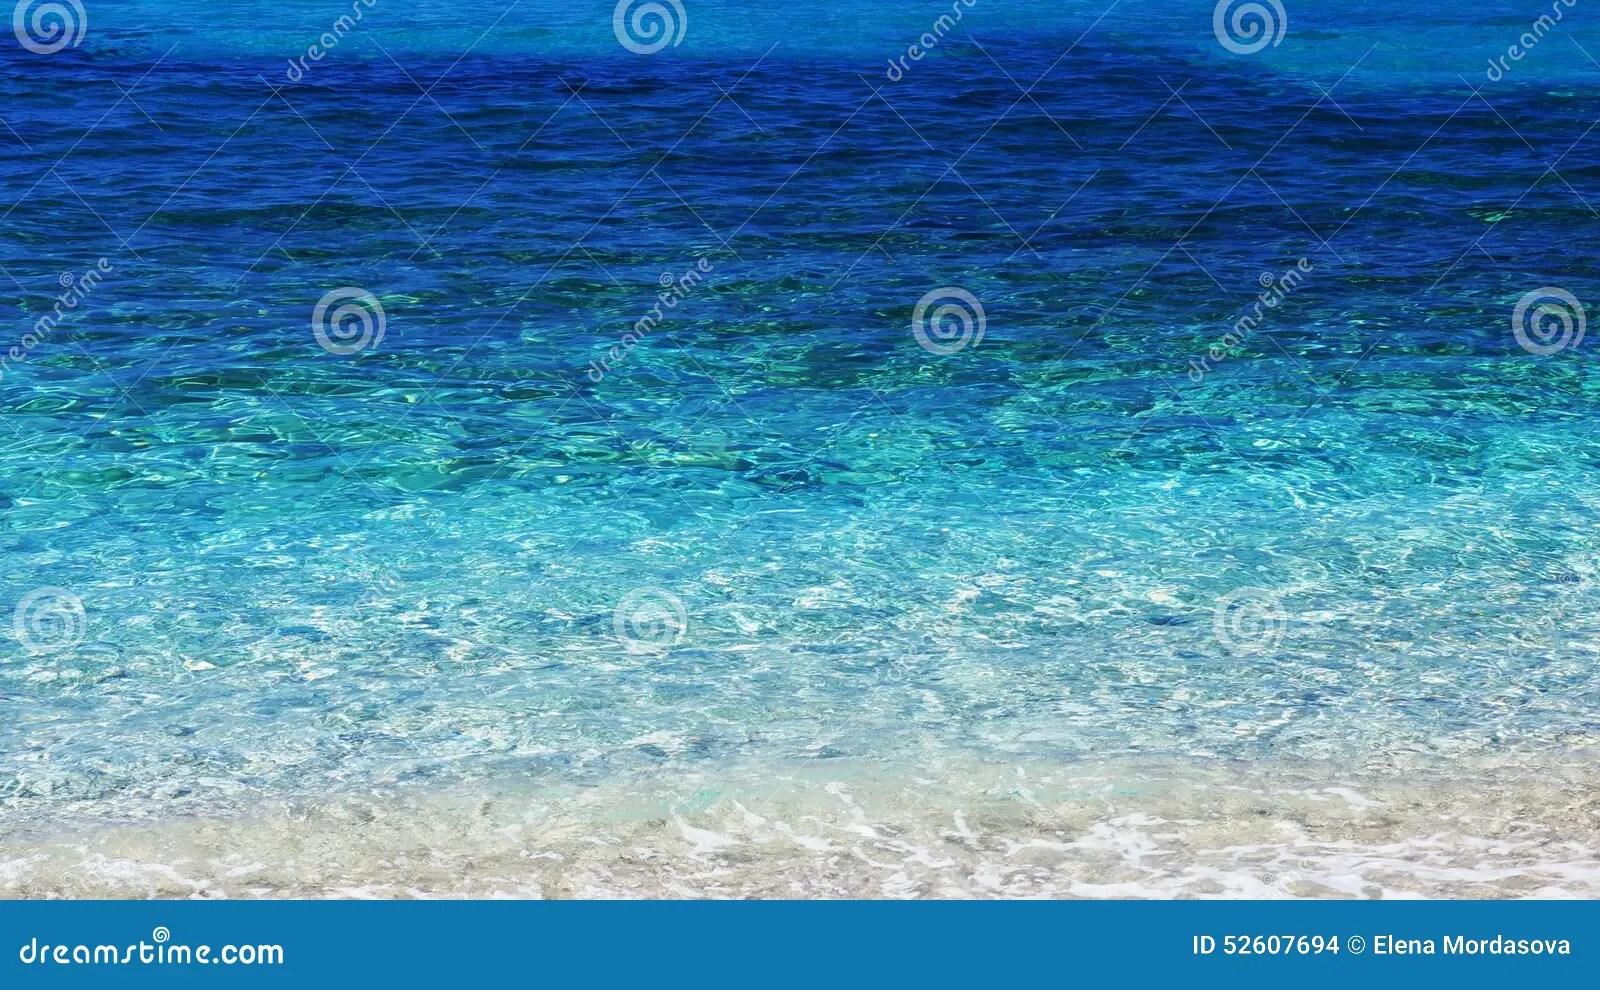 clear blue sea texture